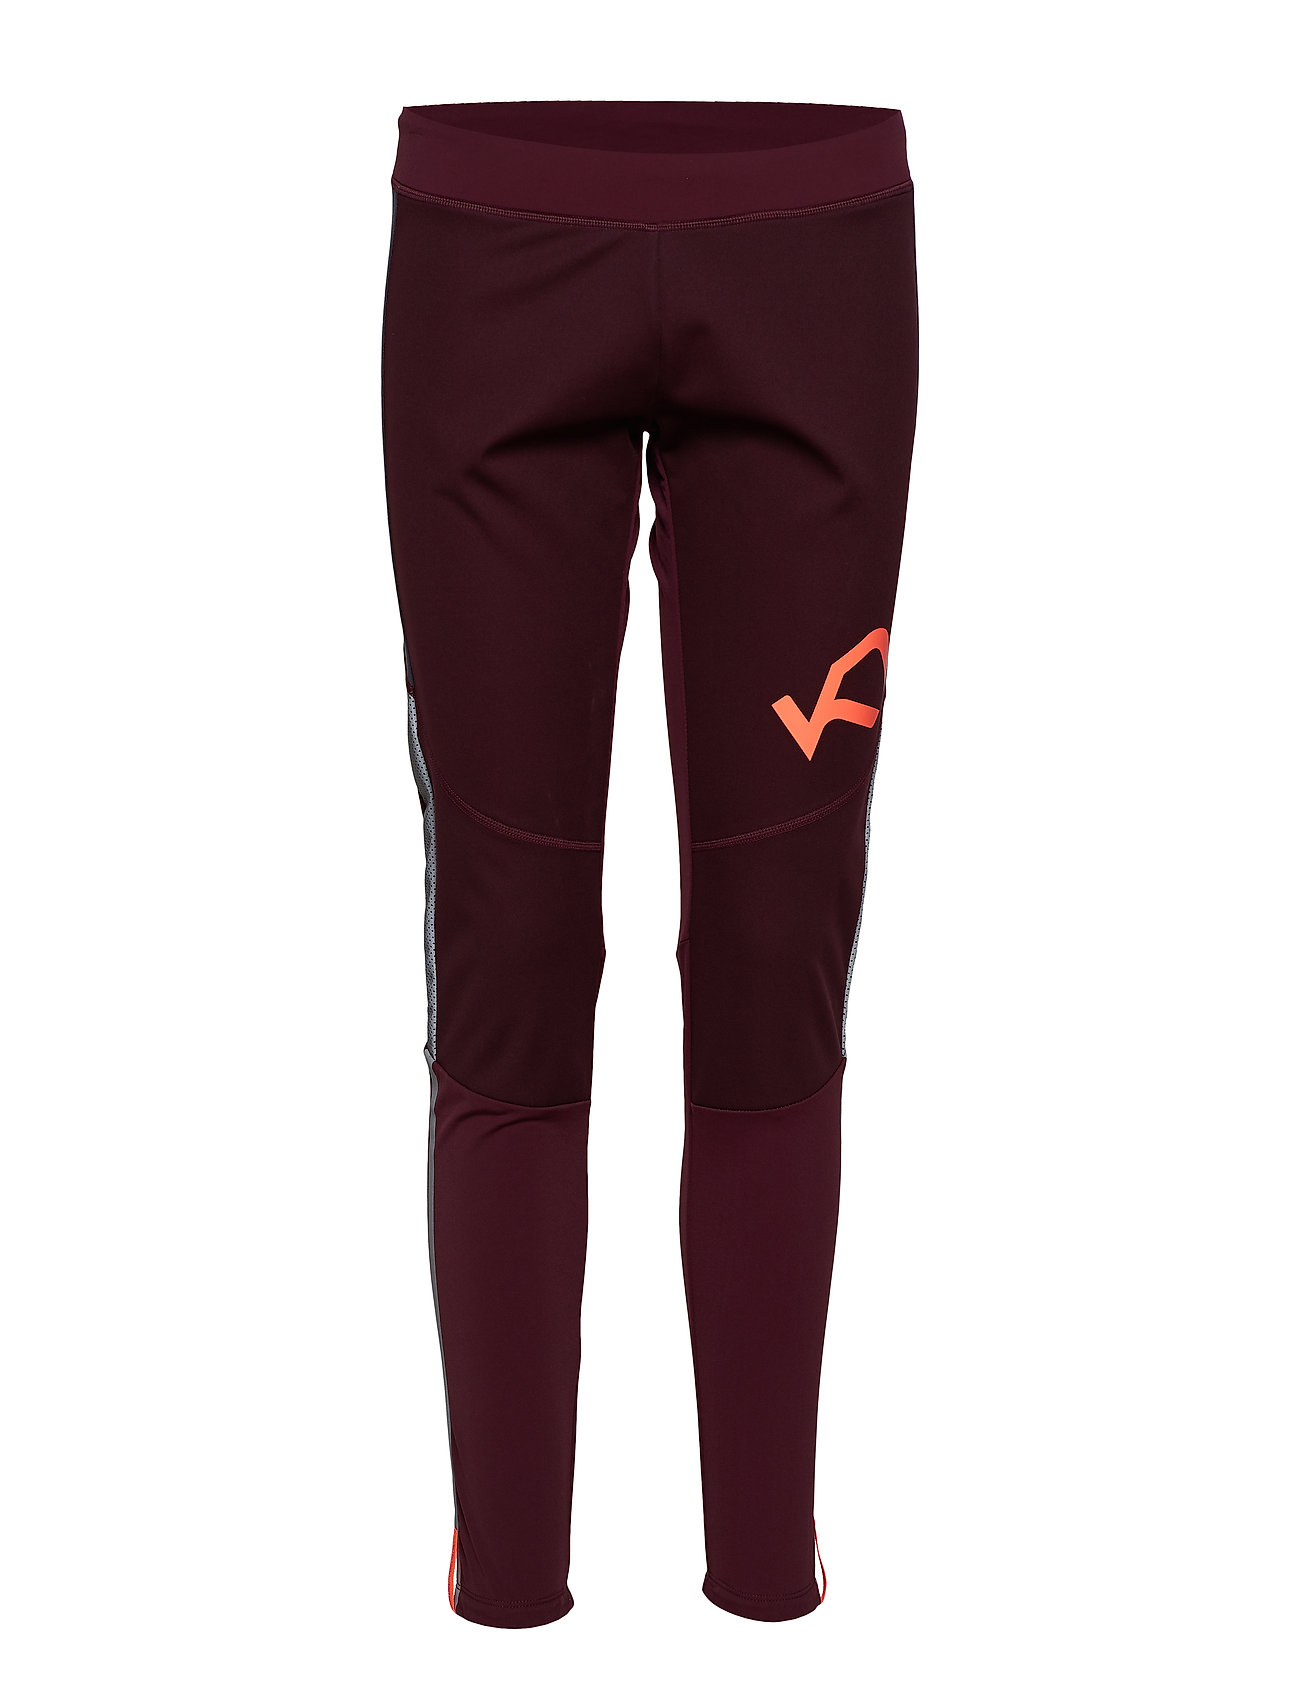 Kari Traa TOVE PANT Leggings & tights